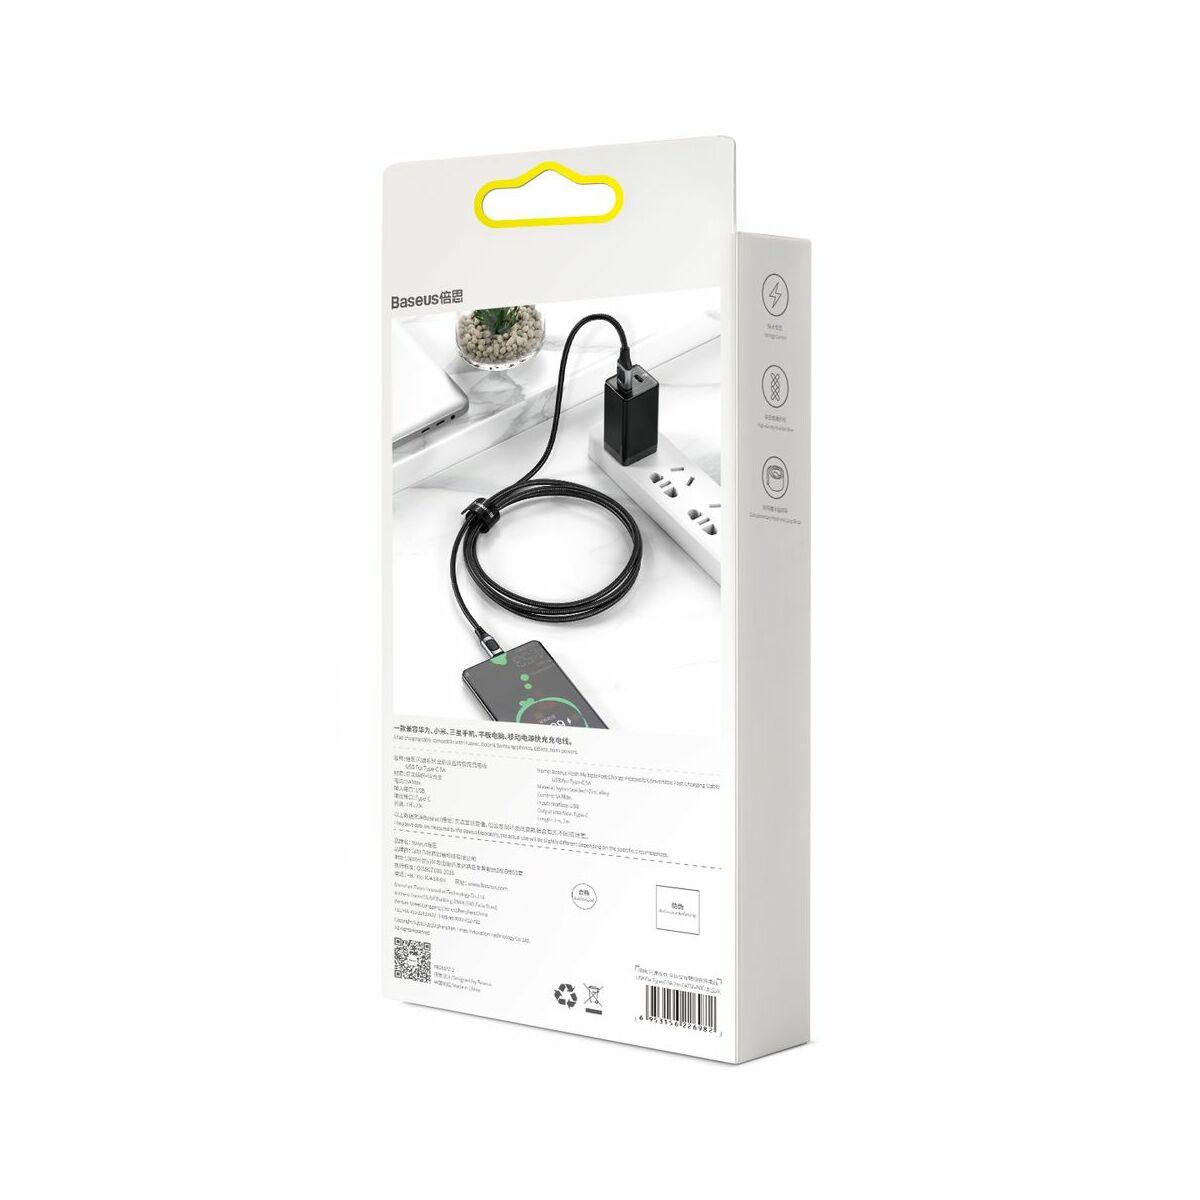 Baseus Type-C kábel, Flash Multiple, többféle gyorstöltő protokoll illesztő funkcióval, 5A, 1m, szürke (CATSS-A0G)